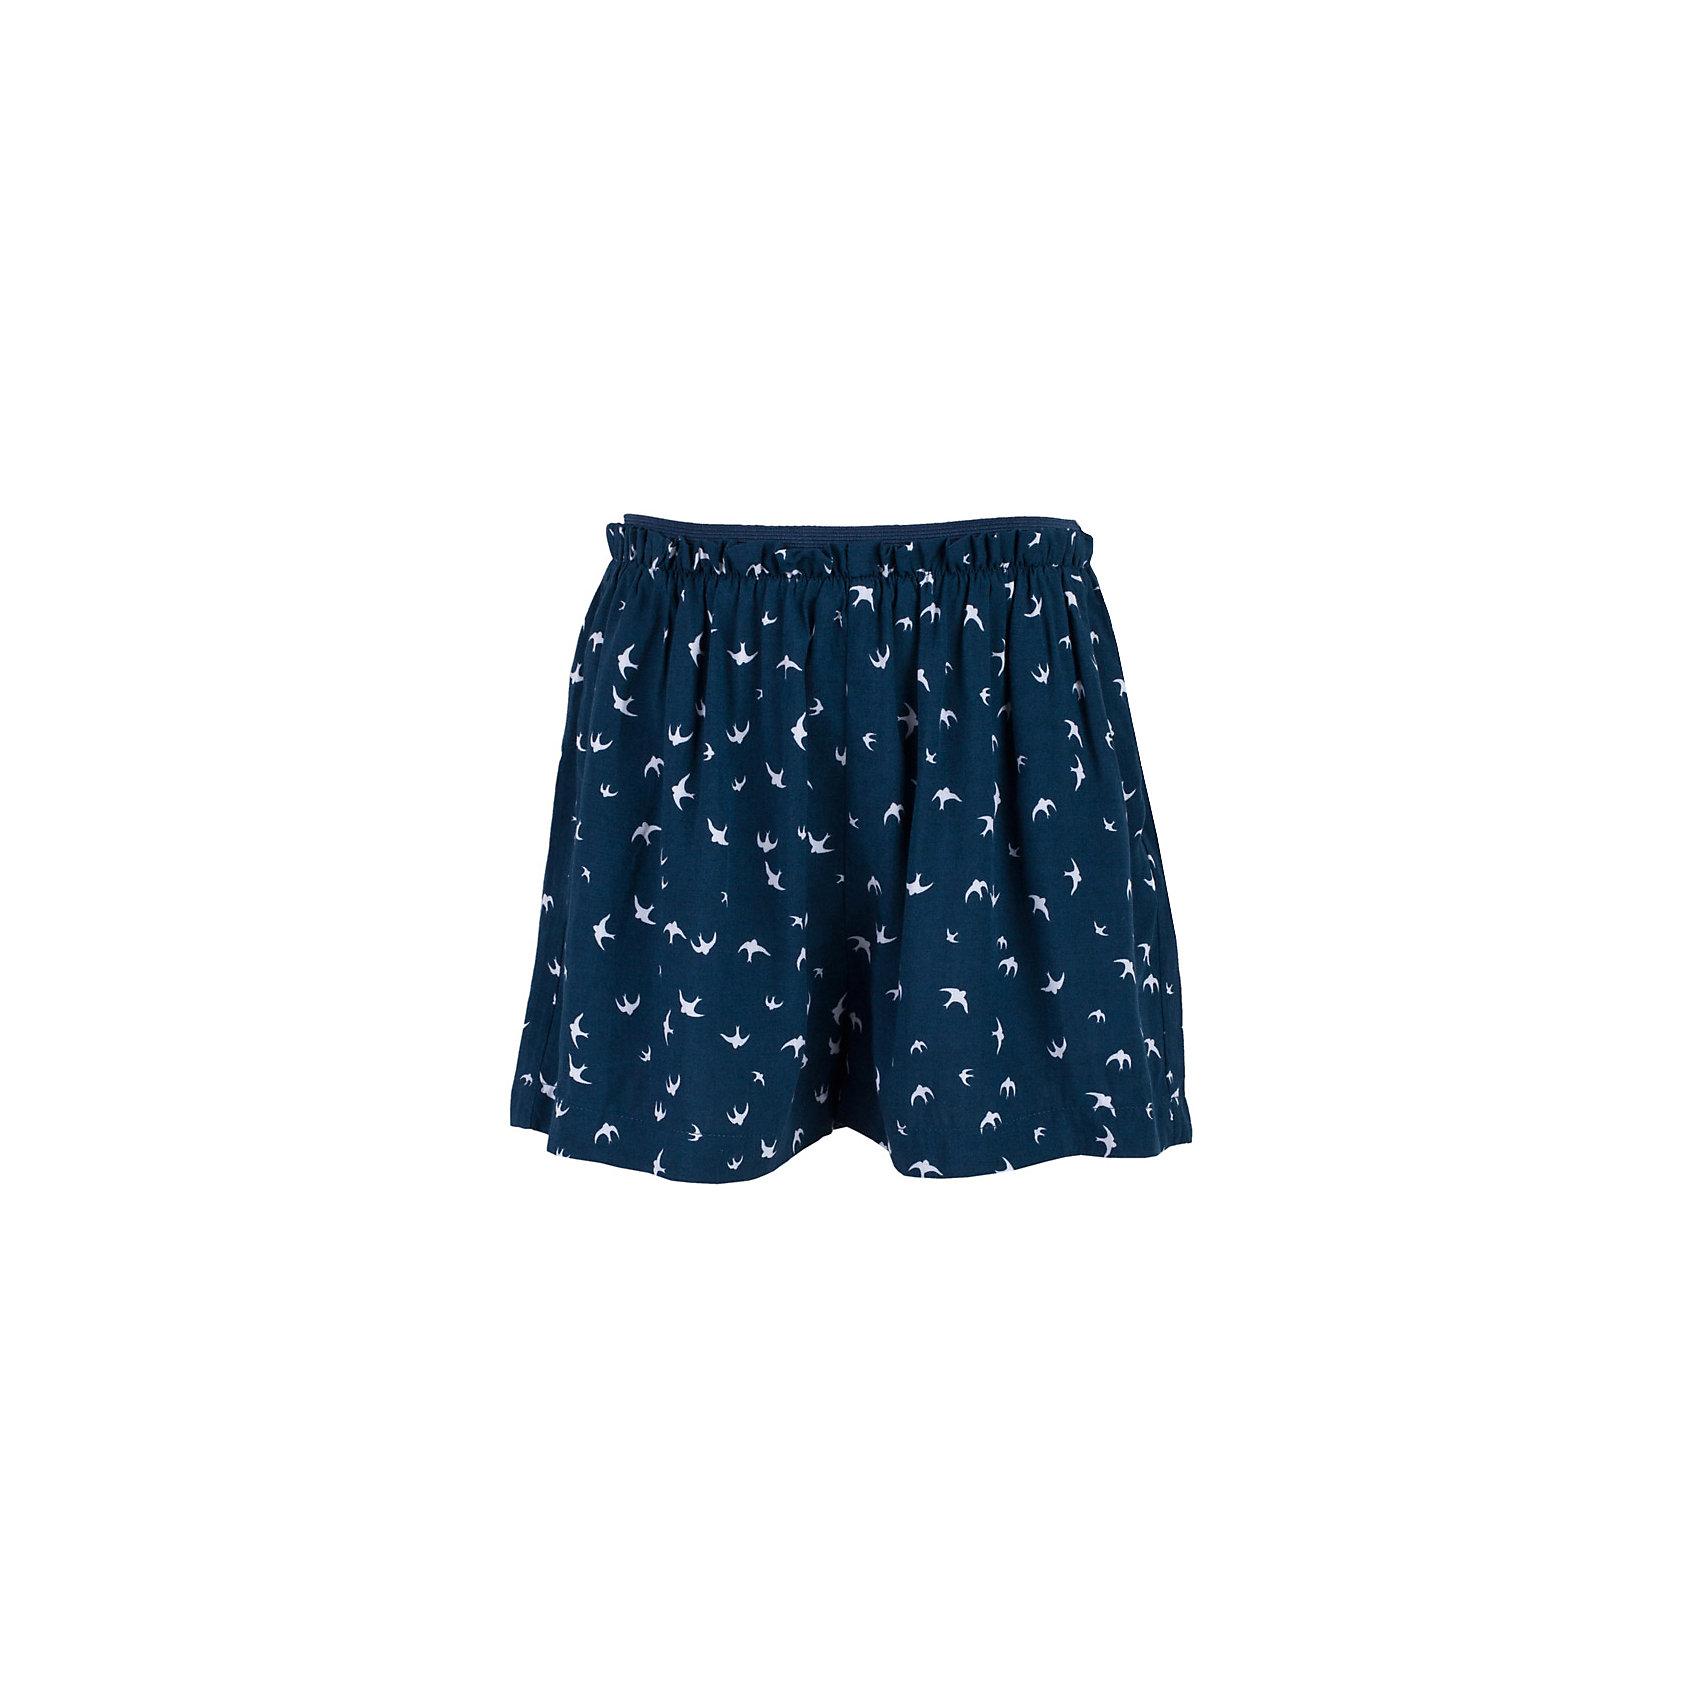 Шорты для девочки  BUTTON BLUEШорты для девочки  BUTTON BLUE<br>Прекрасный летний вариант - юбка-шорты из тонкой мягкой вискозы с мелким рисунком. Оригинальность этой модели в удобстве, свойственном шортам и в привлекательности расклешенной юбки. Если вы хотите купить юбку для активной девочки, вам стоит купить юбку-шорты. Микс спорта и элегантности - прекрасный вариант для уверенности и комфорта юной леди.<br>Состав:<br>100%  вискоза<br><br>Ширина мм: 191<br>Глубина мм: 10<br>Высота мм: 175<br>Вес г: 273<br>Цвет: синий<br>Возраст от месяцев: 144<br>Возраст до месяцев: 156<br>Пол: Женский<br>Возраст: Детский<br>Размер: 158,98,104,110,116,122,128,134,140,146,152<br>SKU: 5523712